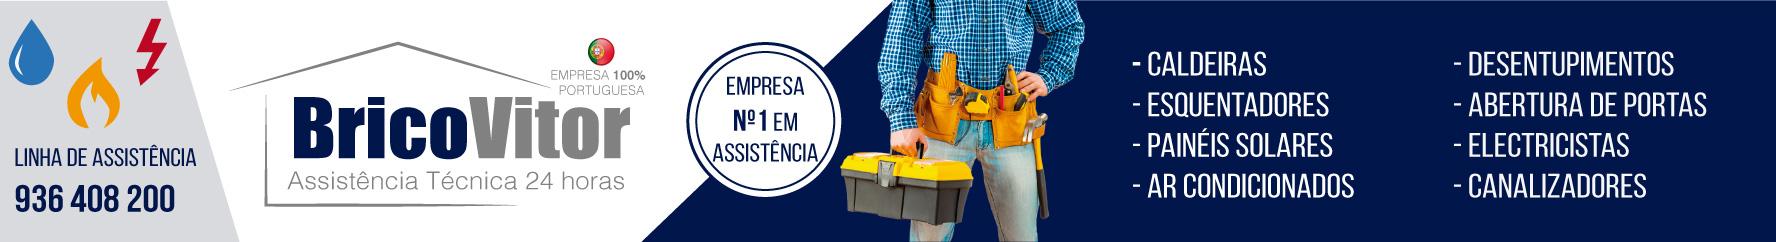 Bricovitor-Barra-de-Publicidade-fina Assistência Ar Condicionado Grândola - Setúbal